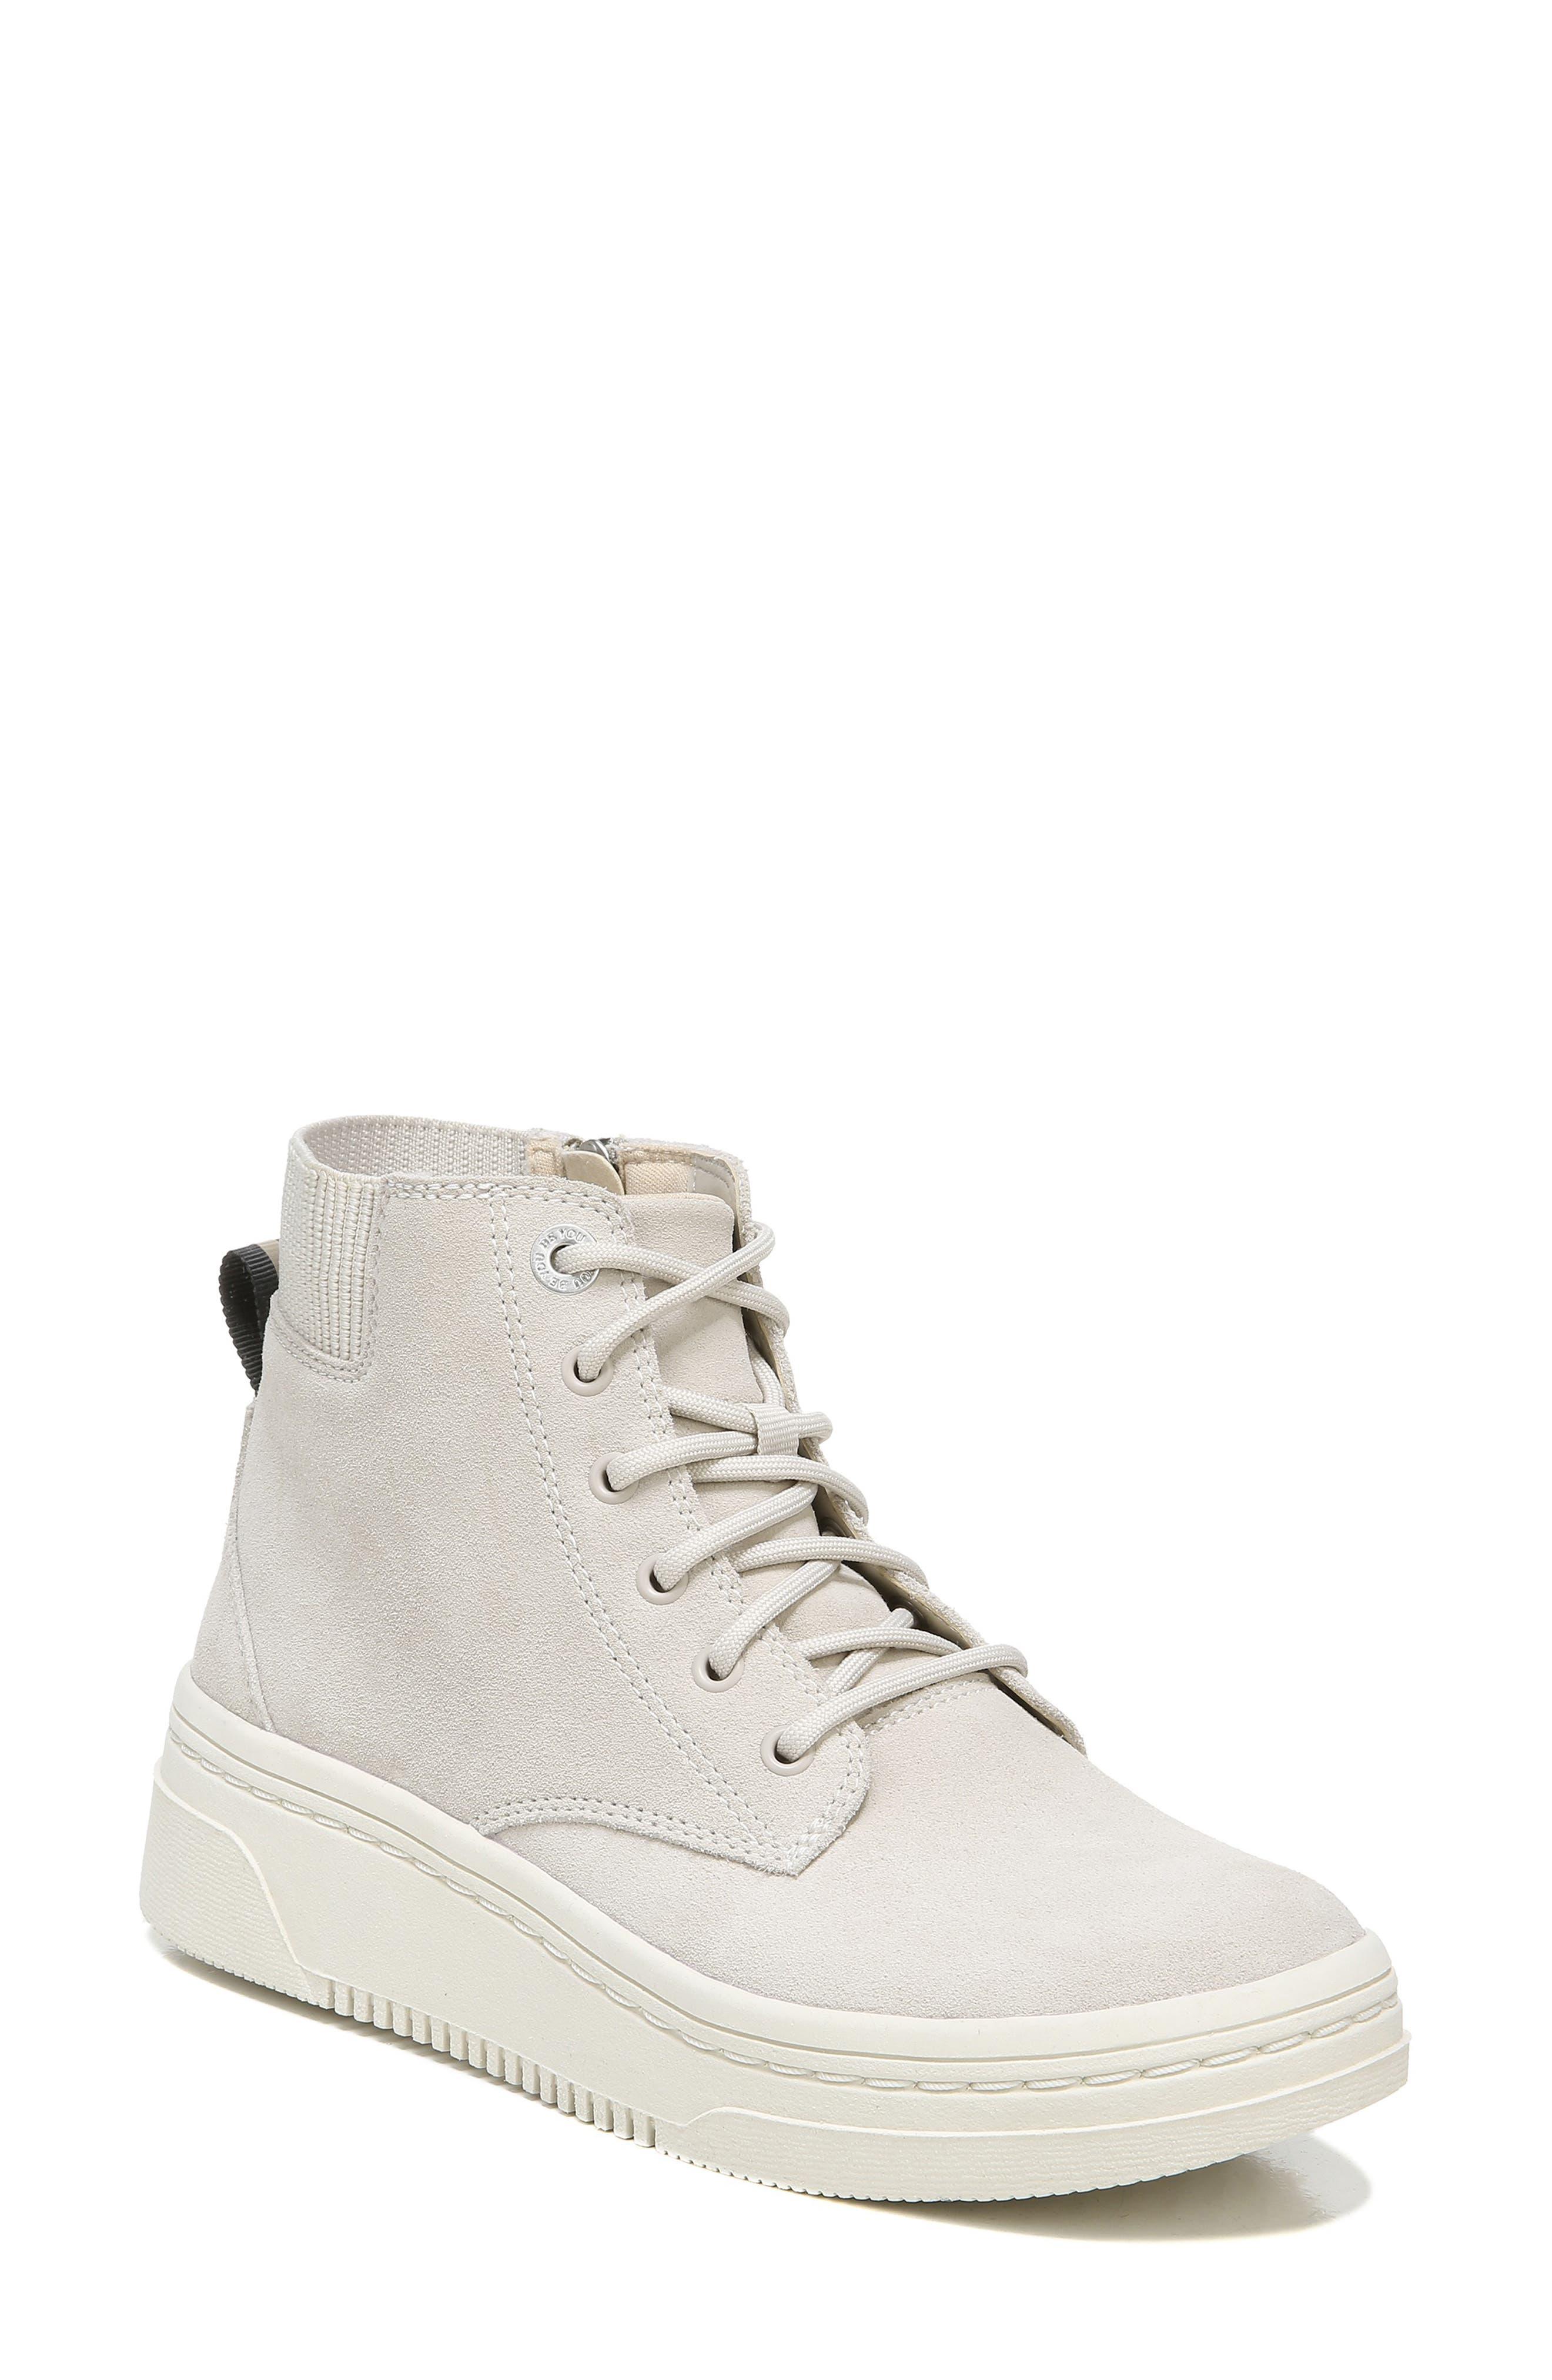 Everlast Wedge Sneaker